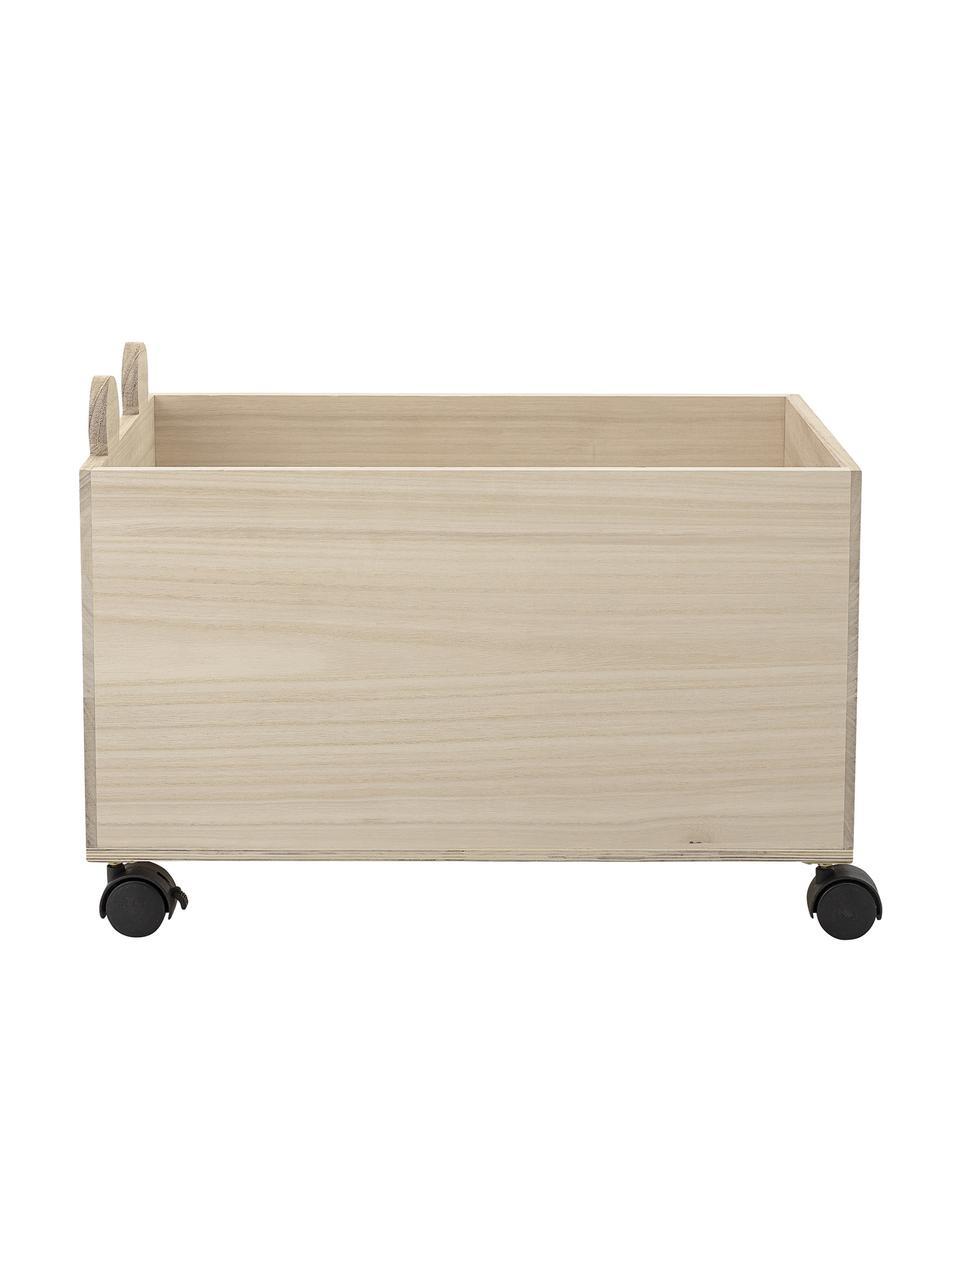 Aufbewahrungsbox Biber, Paulowniaholz, Mitteldichte Holzfaserplatte (MDF), Grau, Hellbraun, 35 x 31 cm